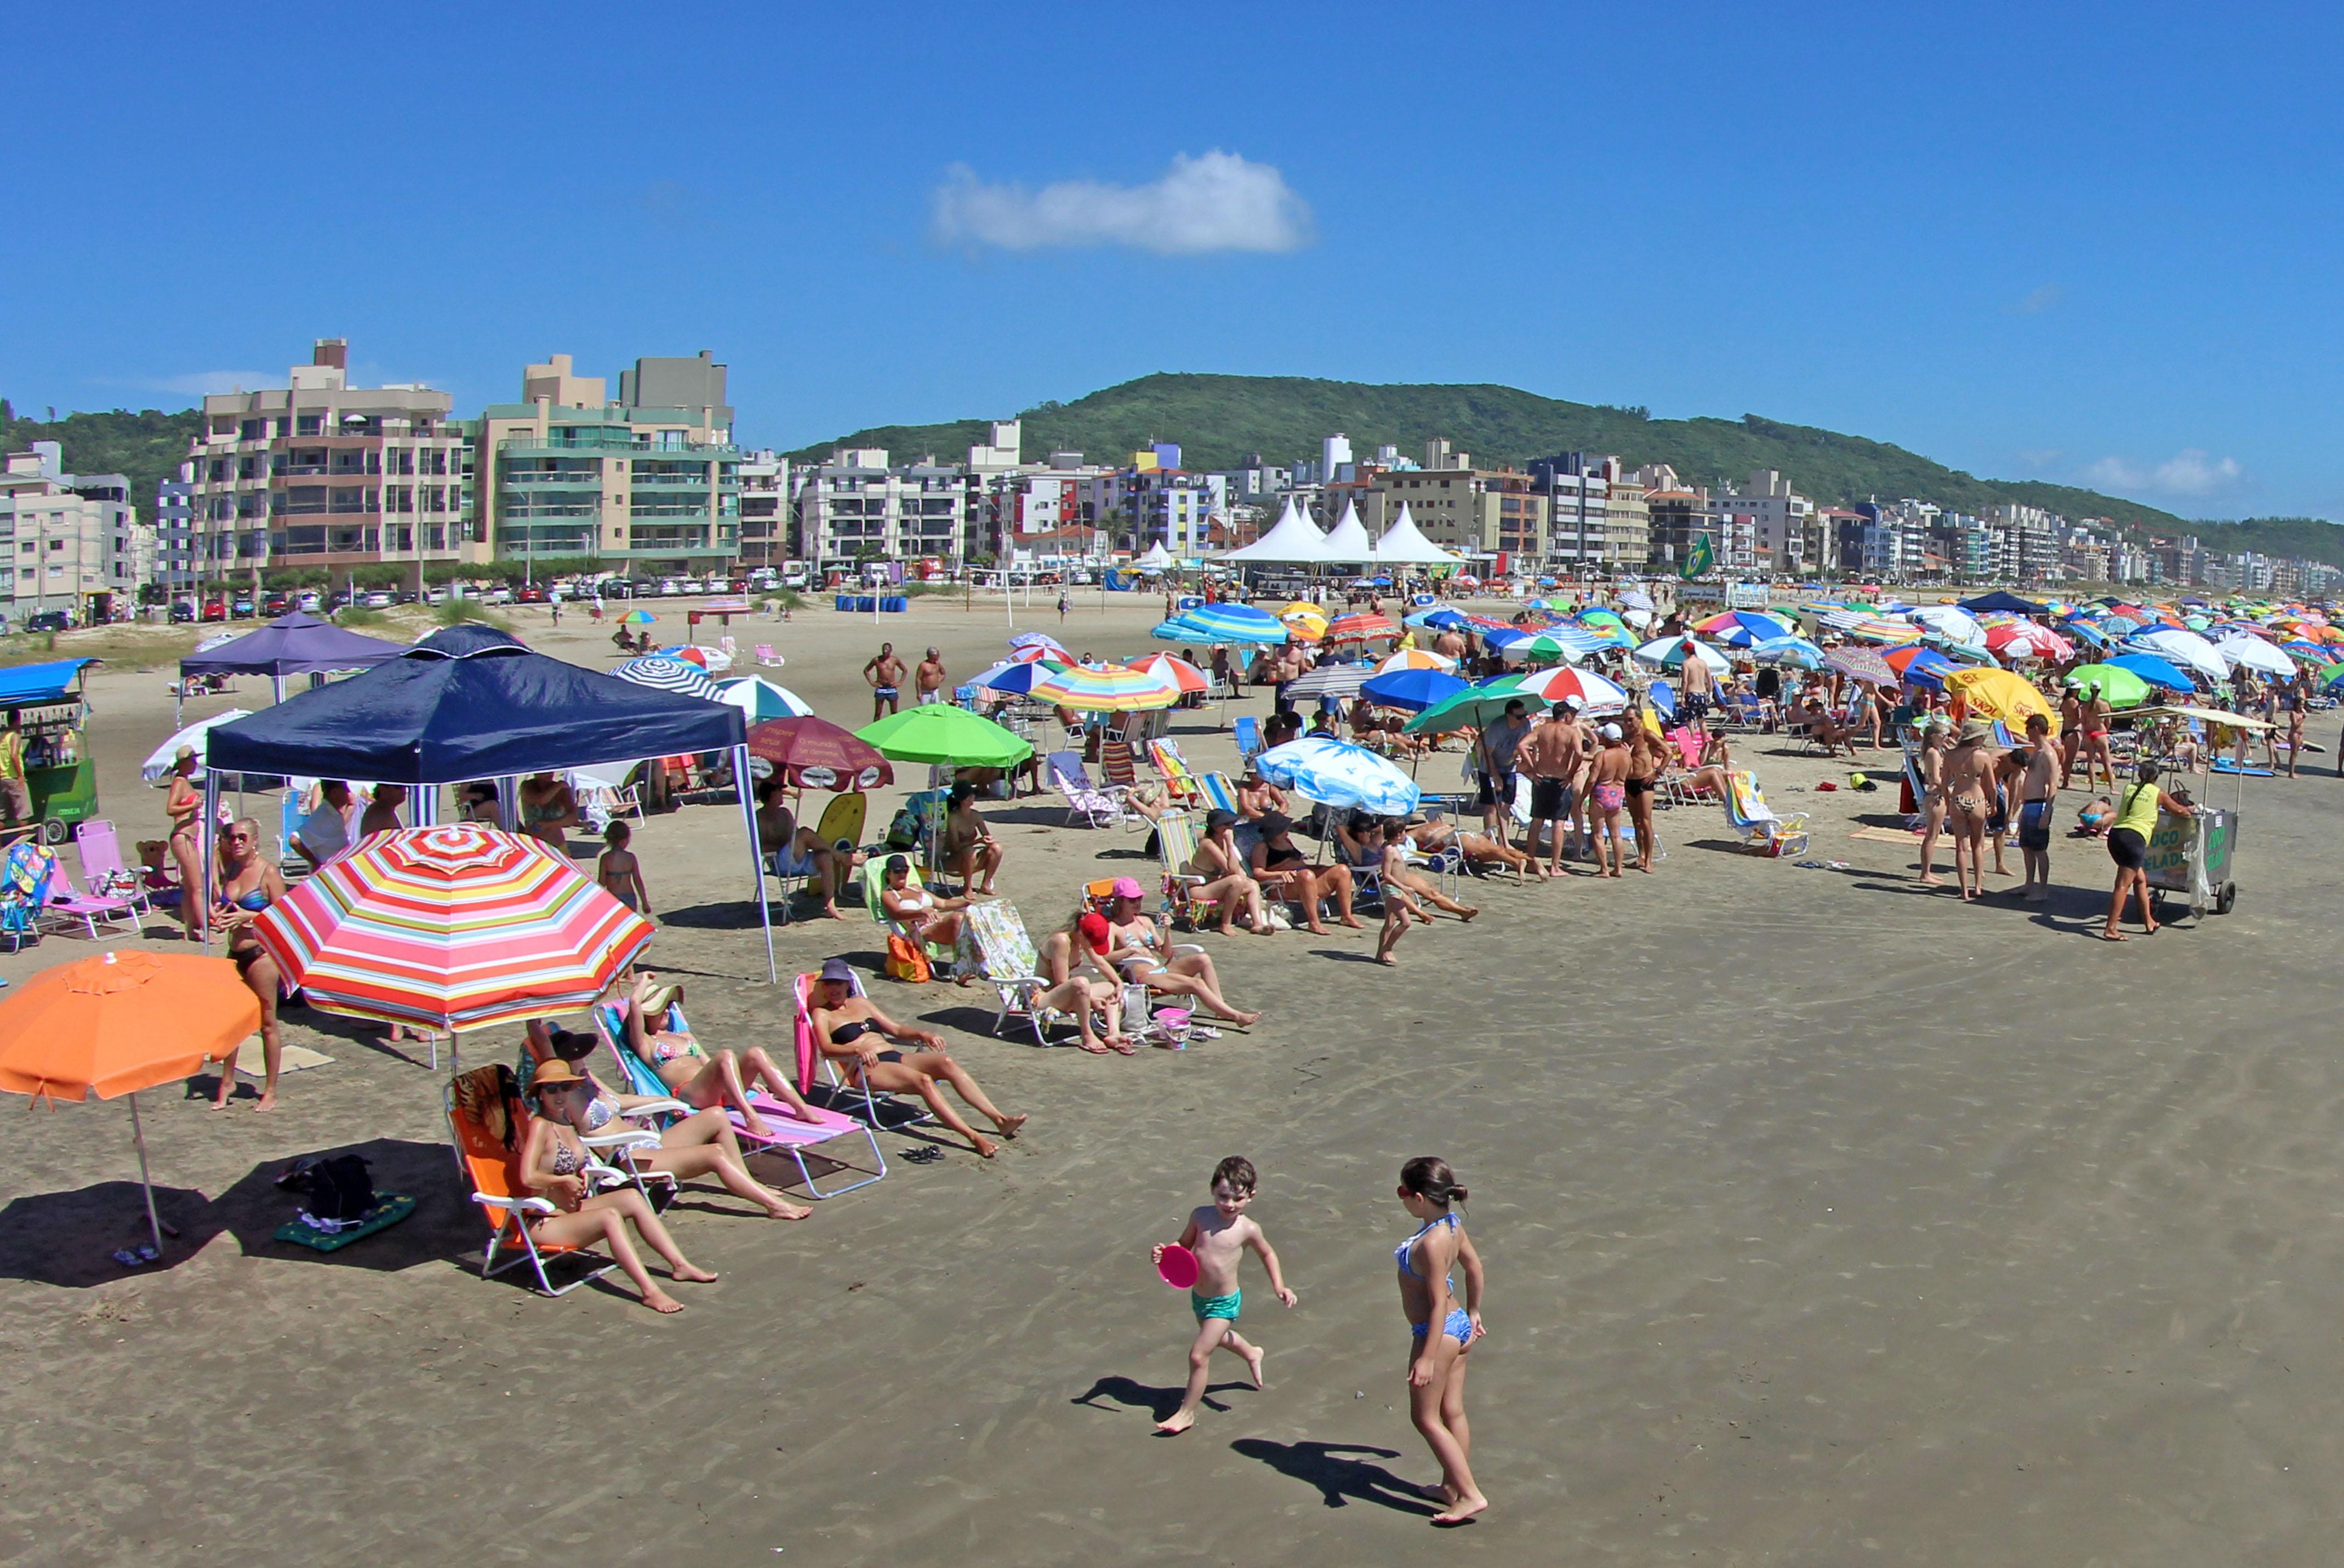 Férias: 8 dicas de cuidados com as crianças nas praias